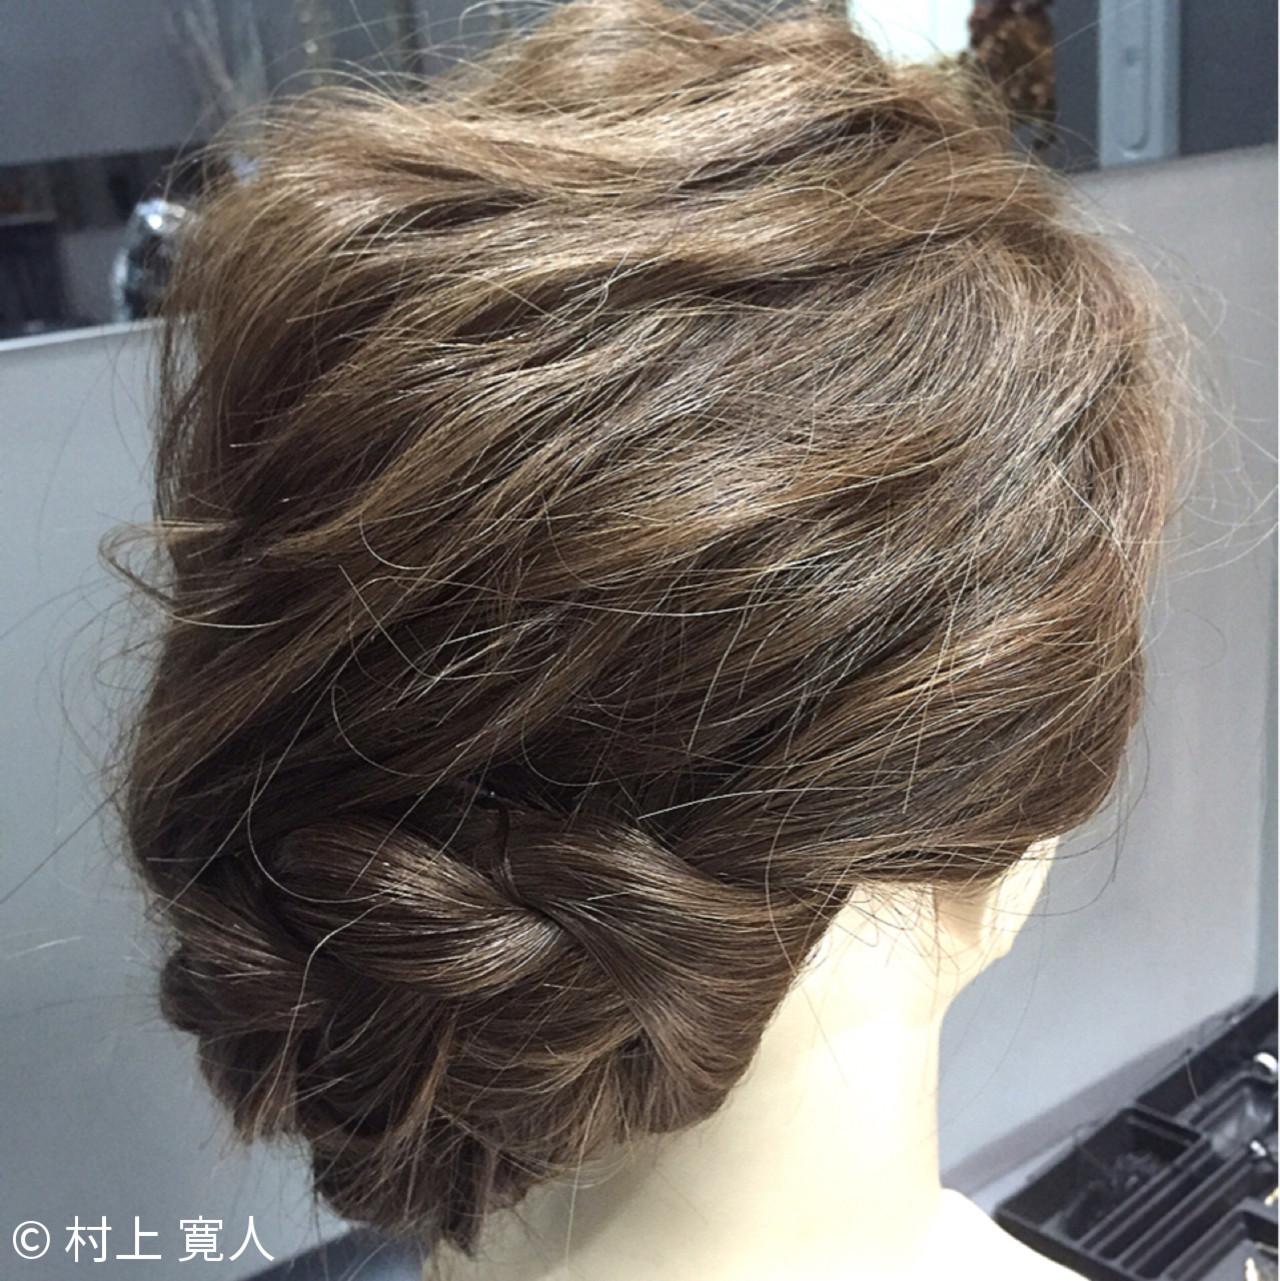 和装 ヘアアレンジ アップスタイル 編み込み ヘアスタイルや髪型の写真・画像